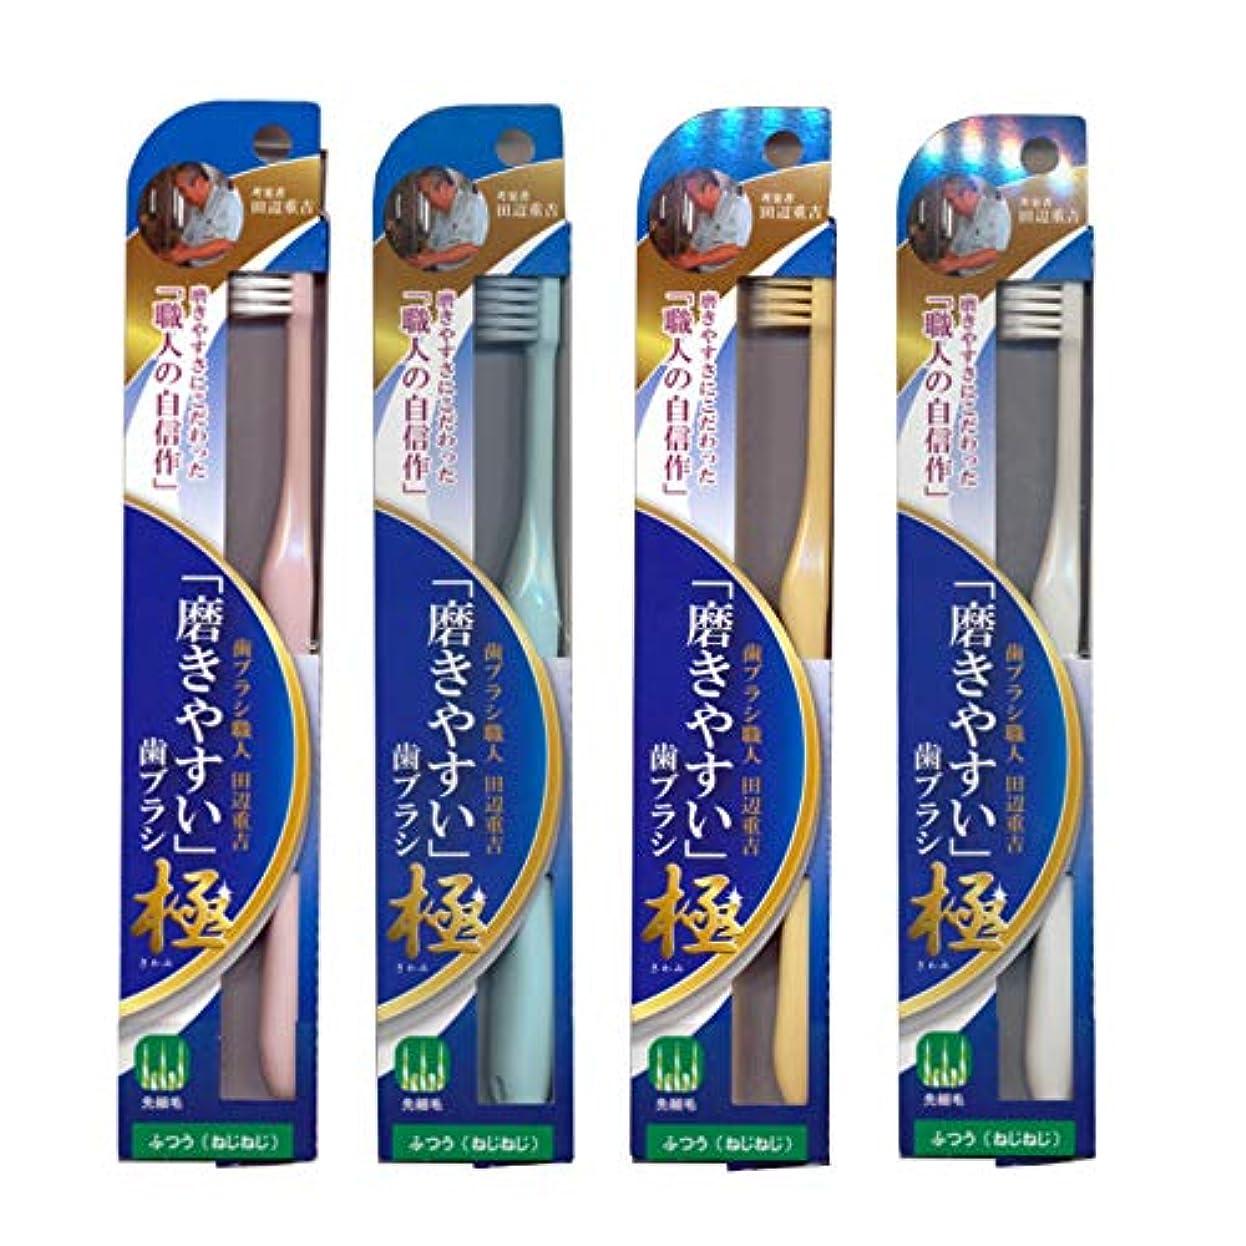 ドル統合する姉妹磨きやすい歯ブラシ極 (ふつう ねじねじ) LT-45×12本セット(ピンク×3、ブルー×3、ホワイト×3、イエロー×3) 先細毛